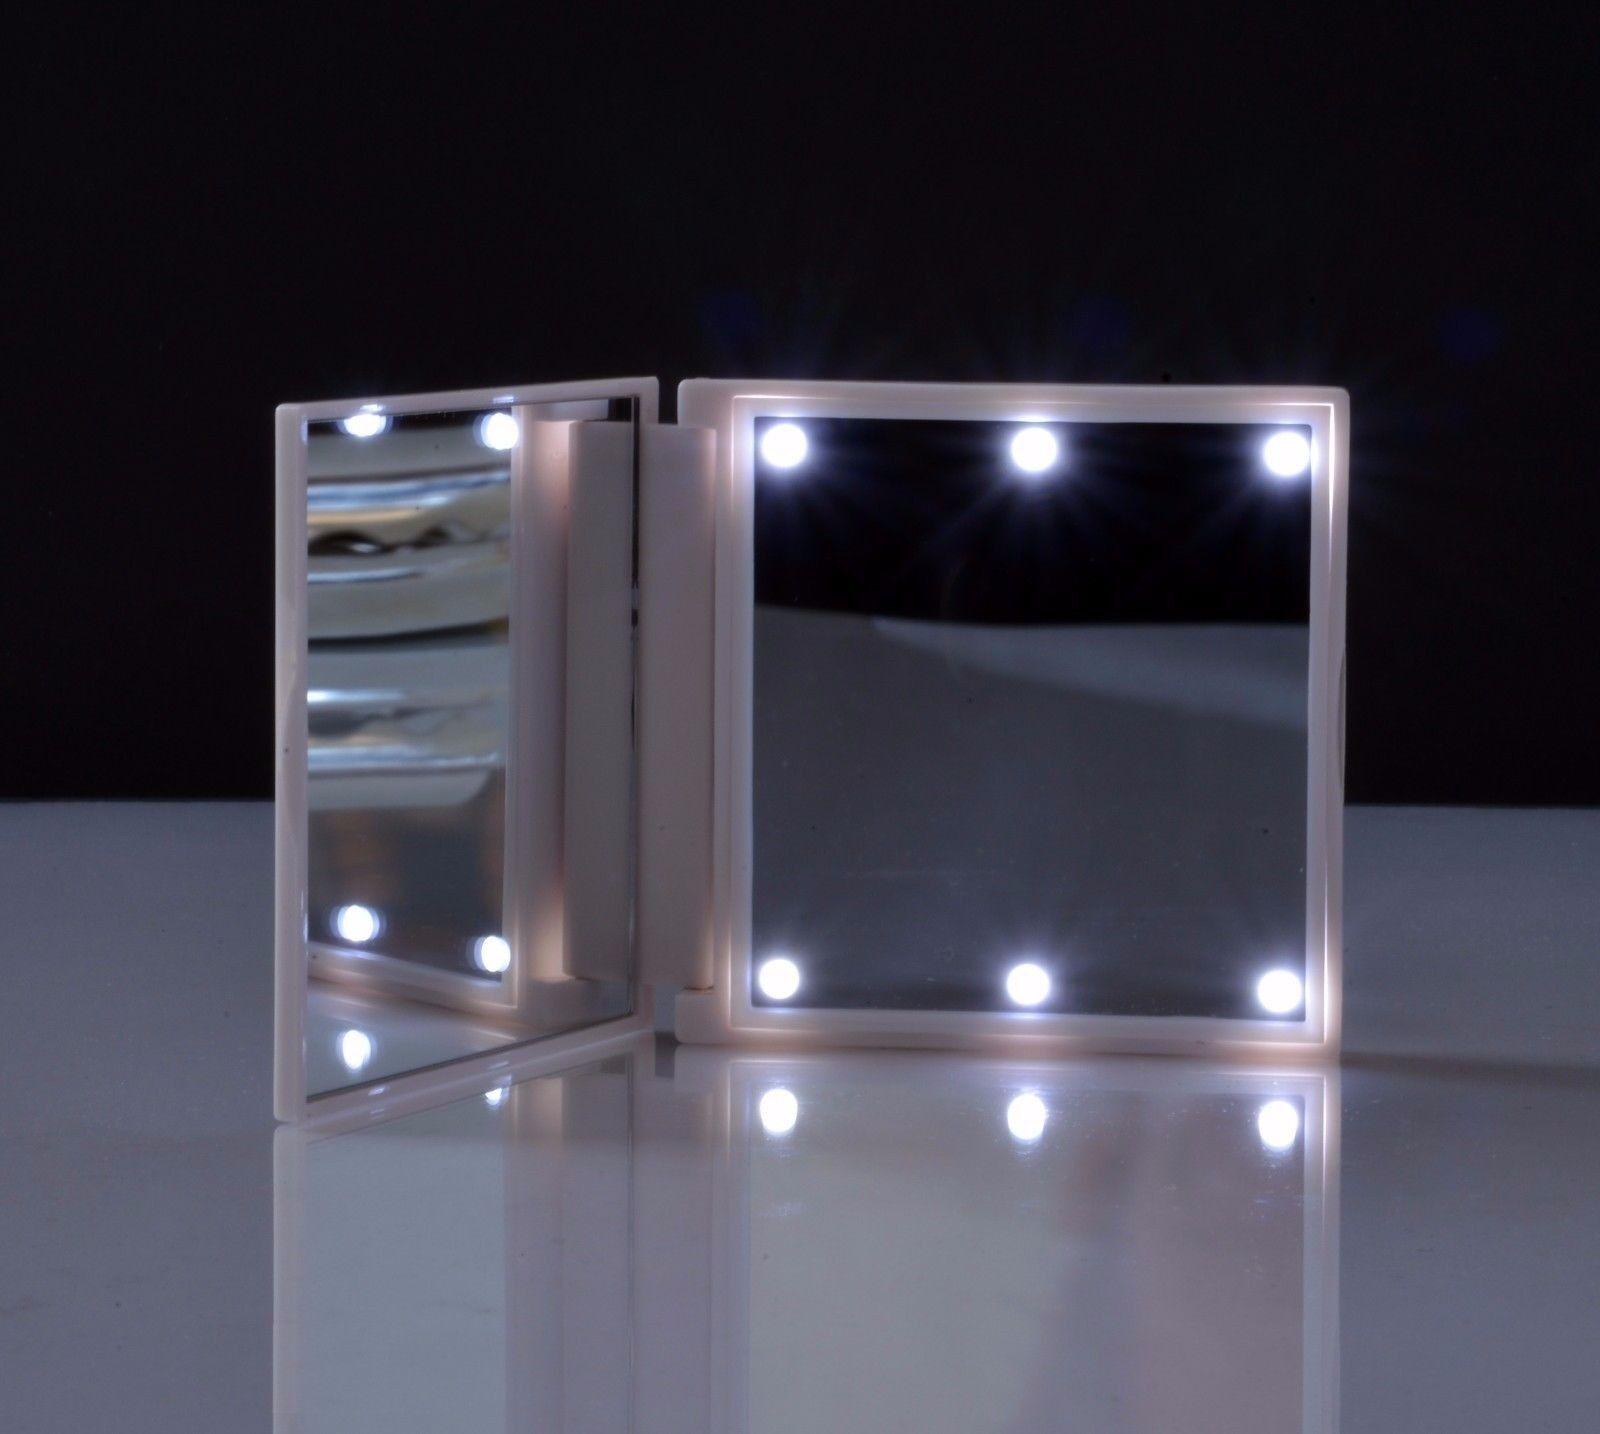 Schminkspiegel beleuchtet Reise Spiegel FLO LED Taschenspiegel weiß weiss 44882